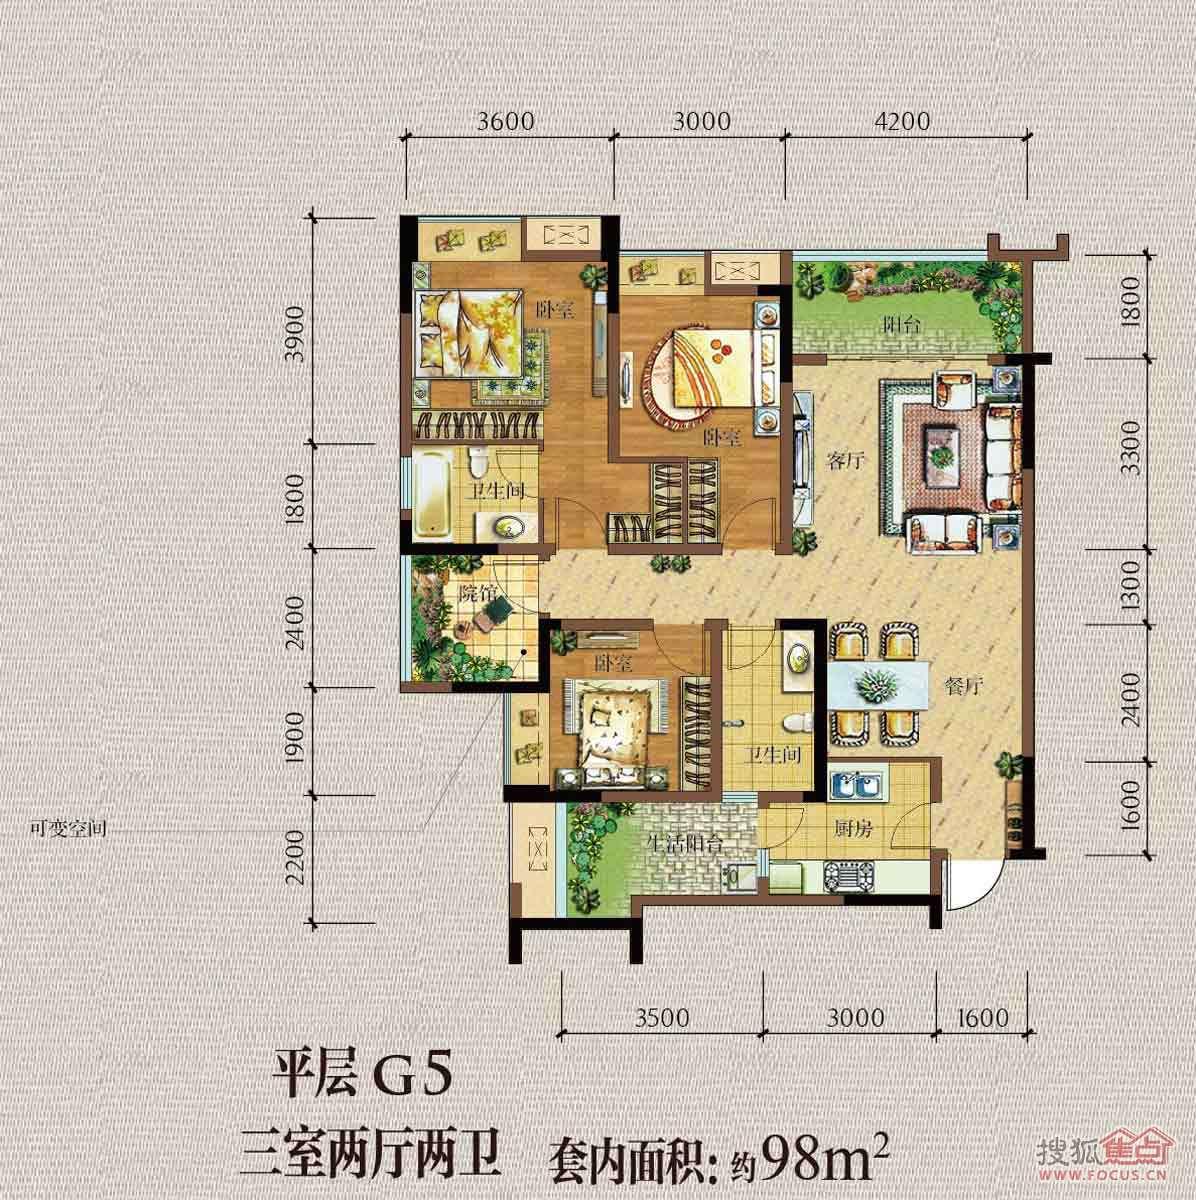 香悦岭平层三室两厅两卫98㎡g5户型